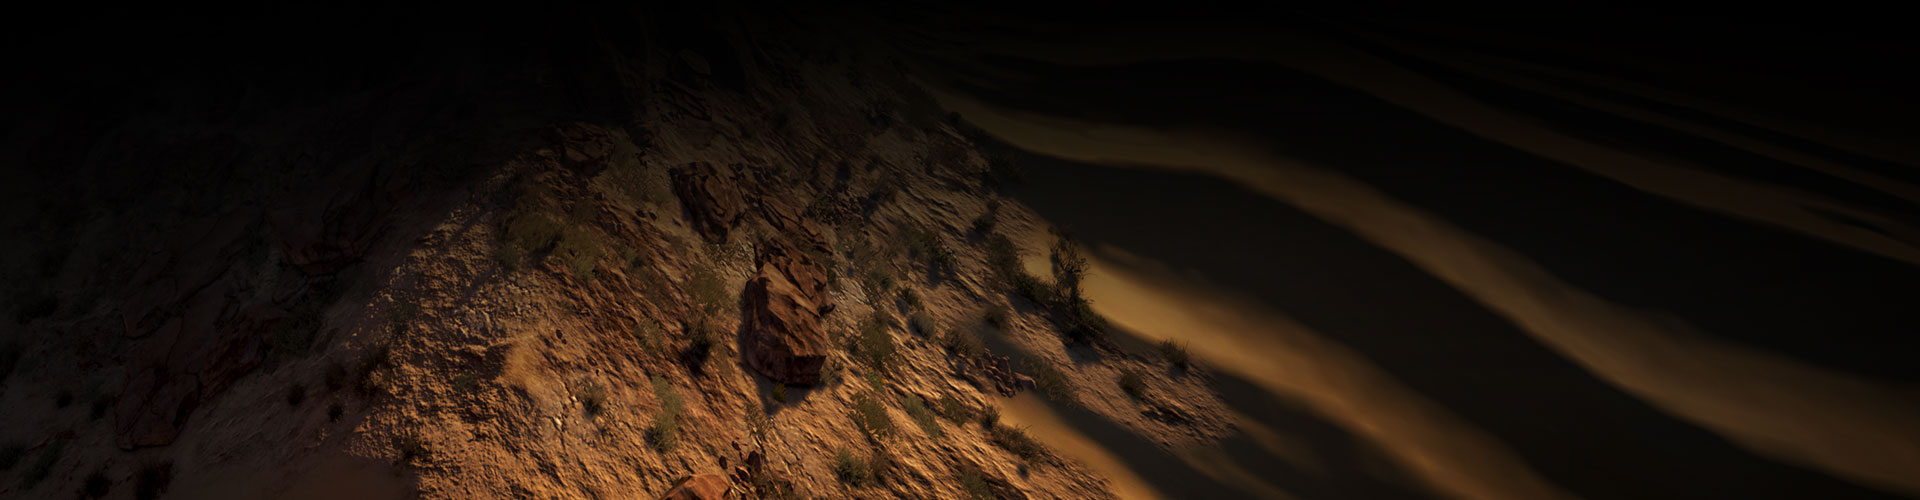 Aavikon kivikkoisia mäkiä